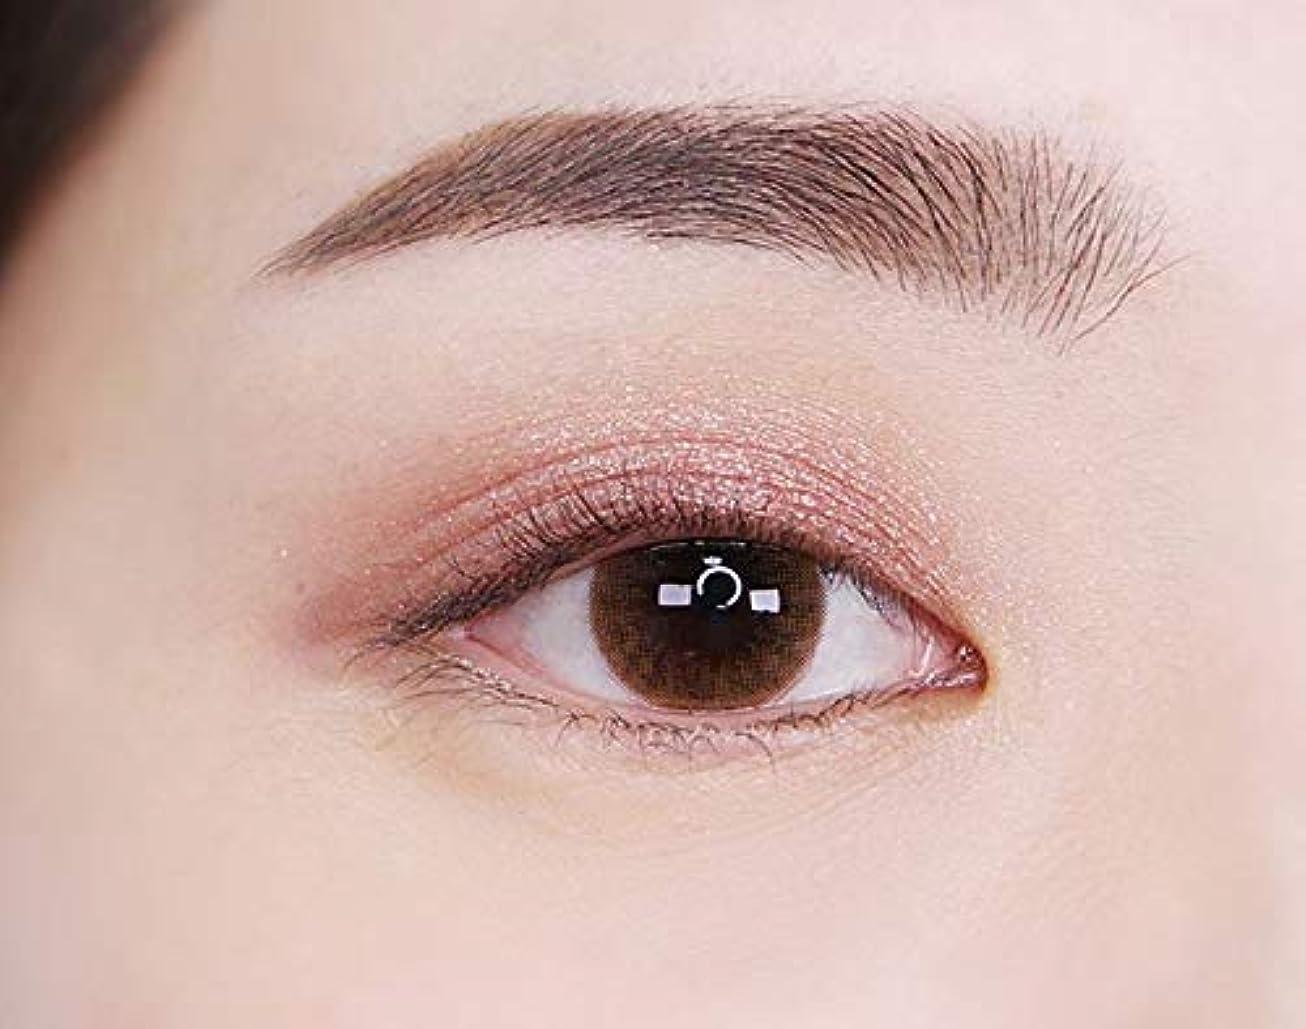 変化するジェスチャータップ[イニスフリー] innisfree [マイ パレット マイ アイシャドウ (グリッタ一) 5カラー] MY PALETTE My Eyeshadow (Glitter) 5 Shades [海外直送品] (グリッタ一...